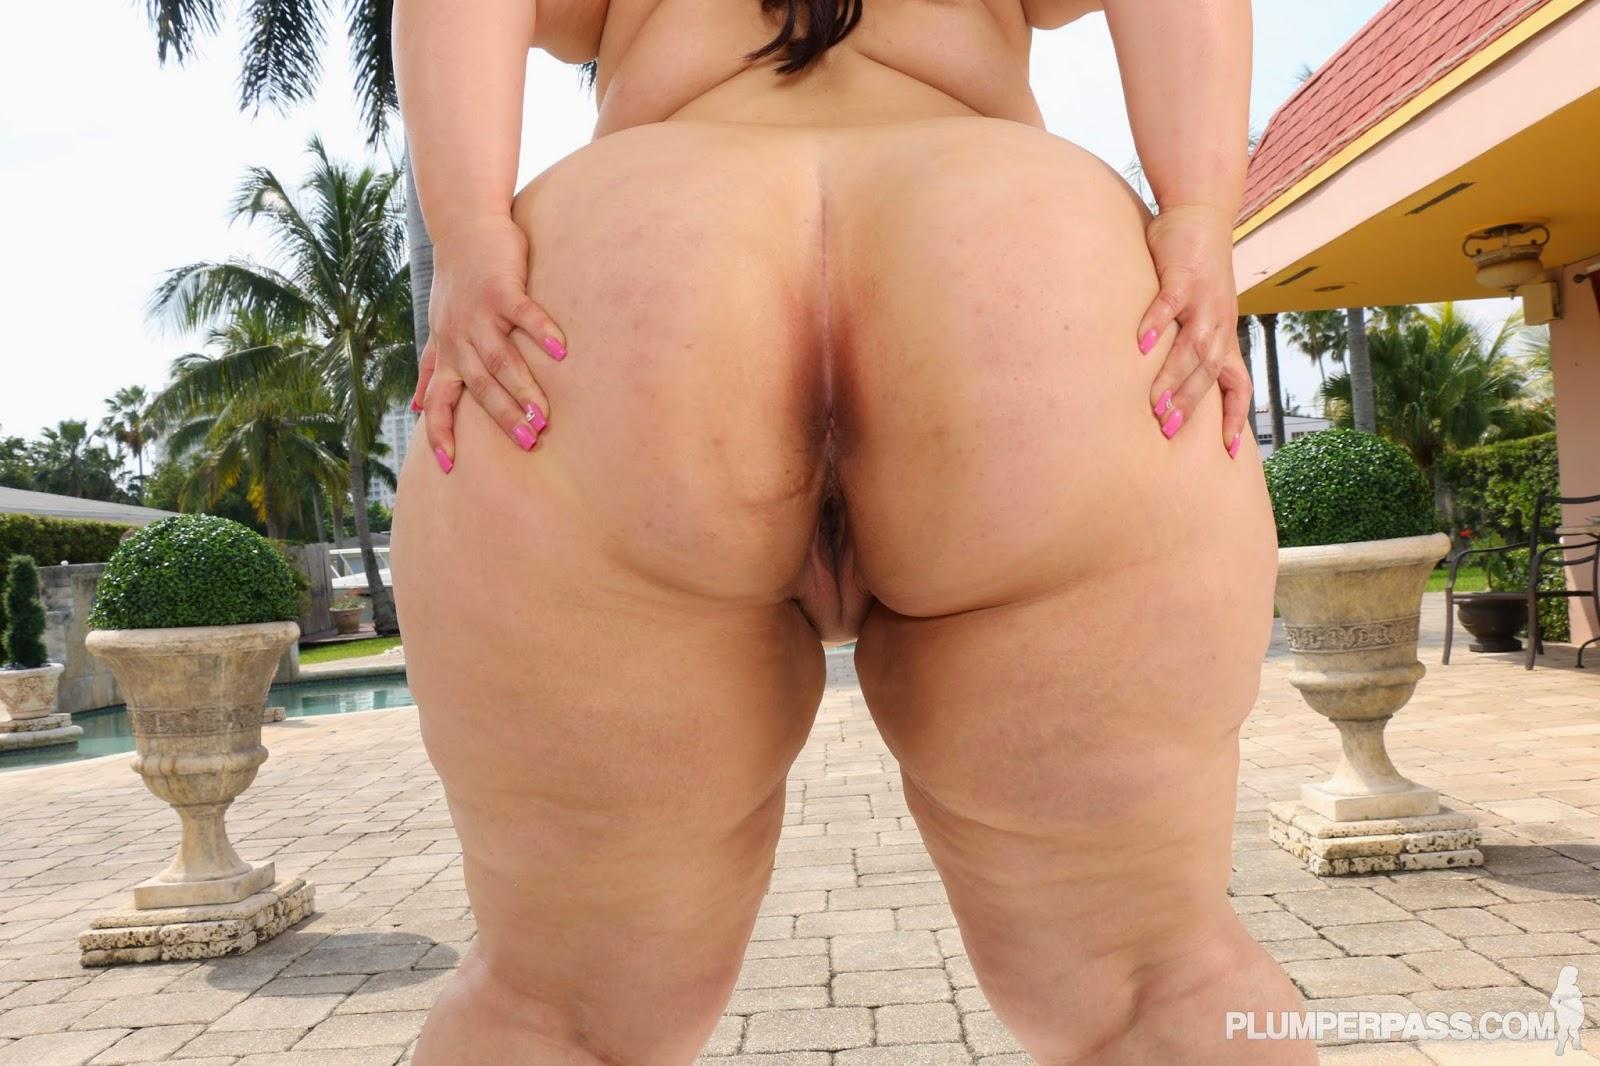 Hot brazilian transsexuals